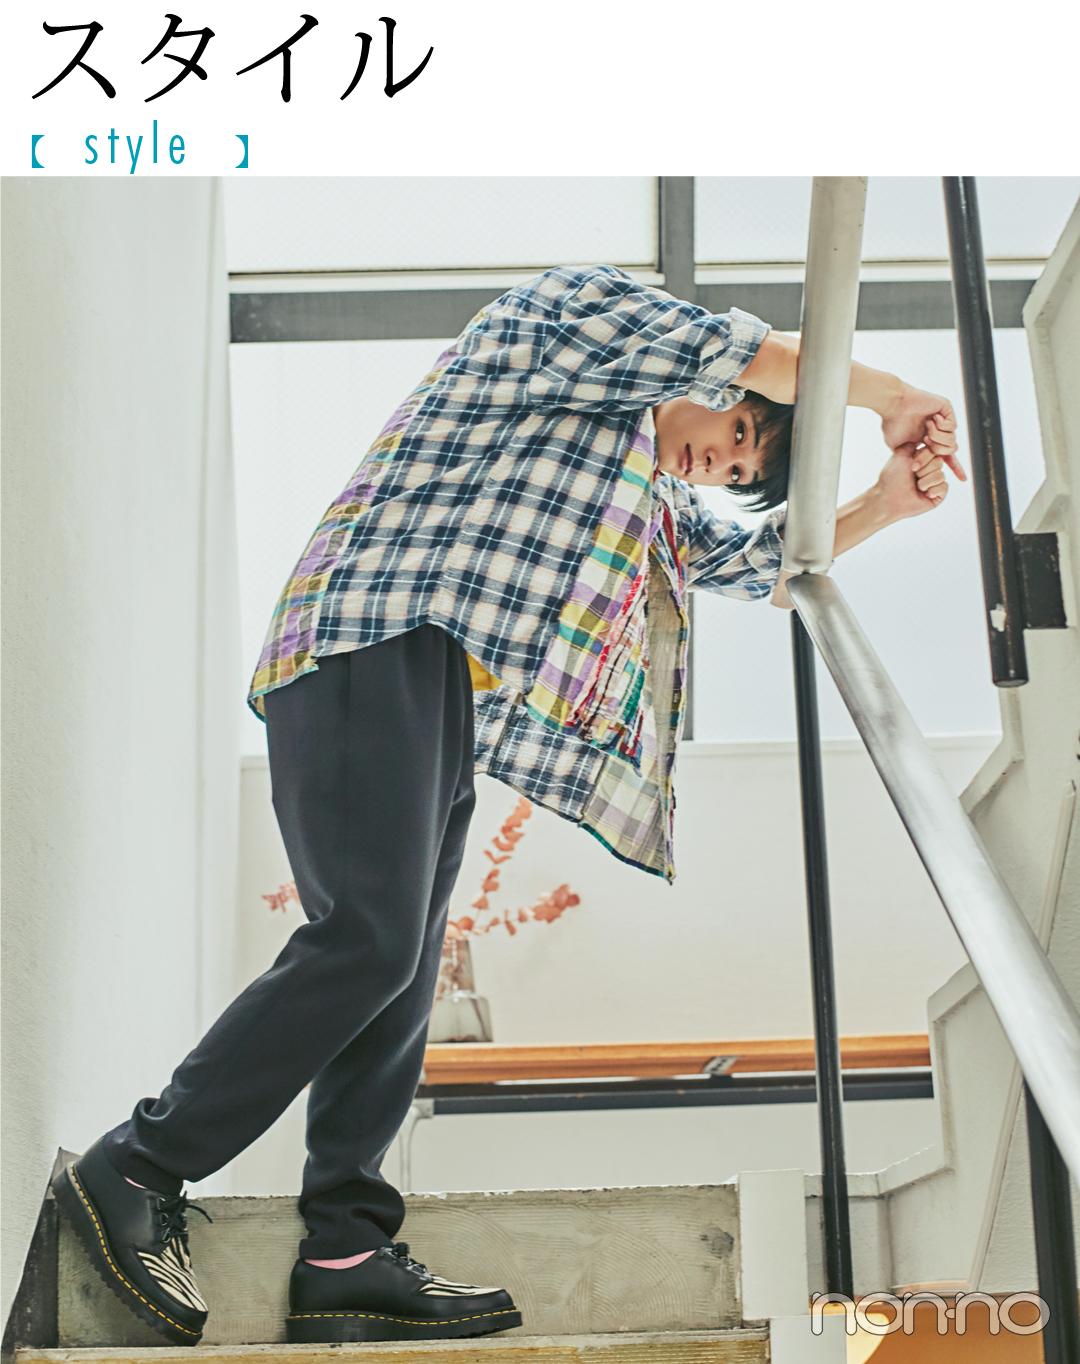 スタイル【style】